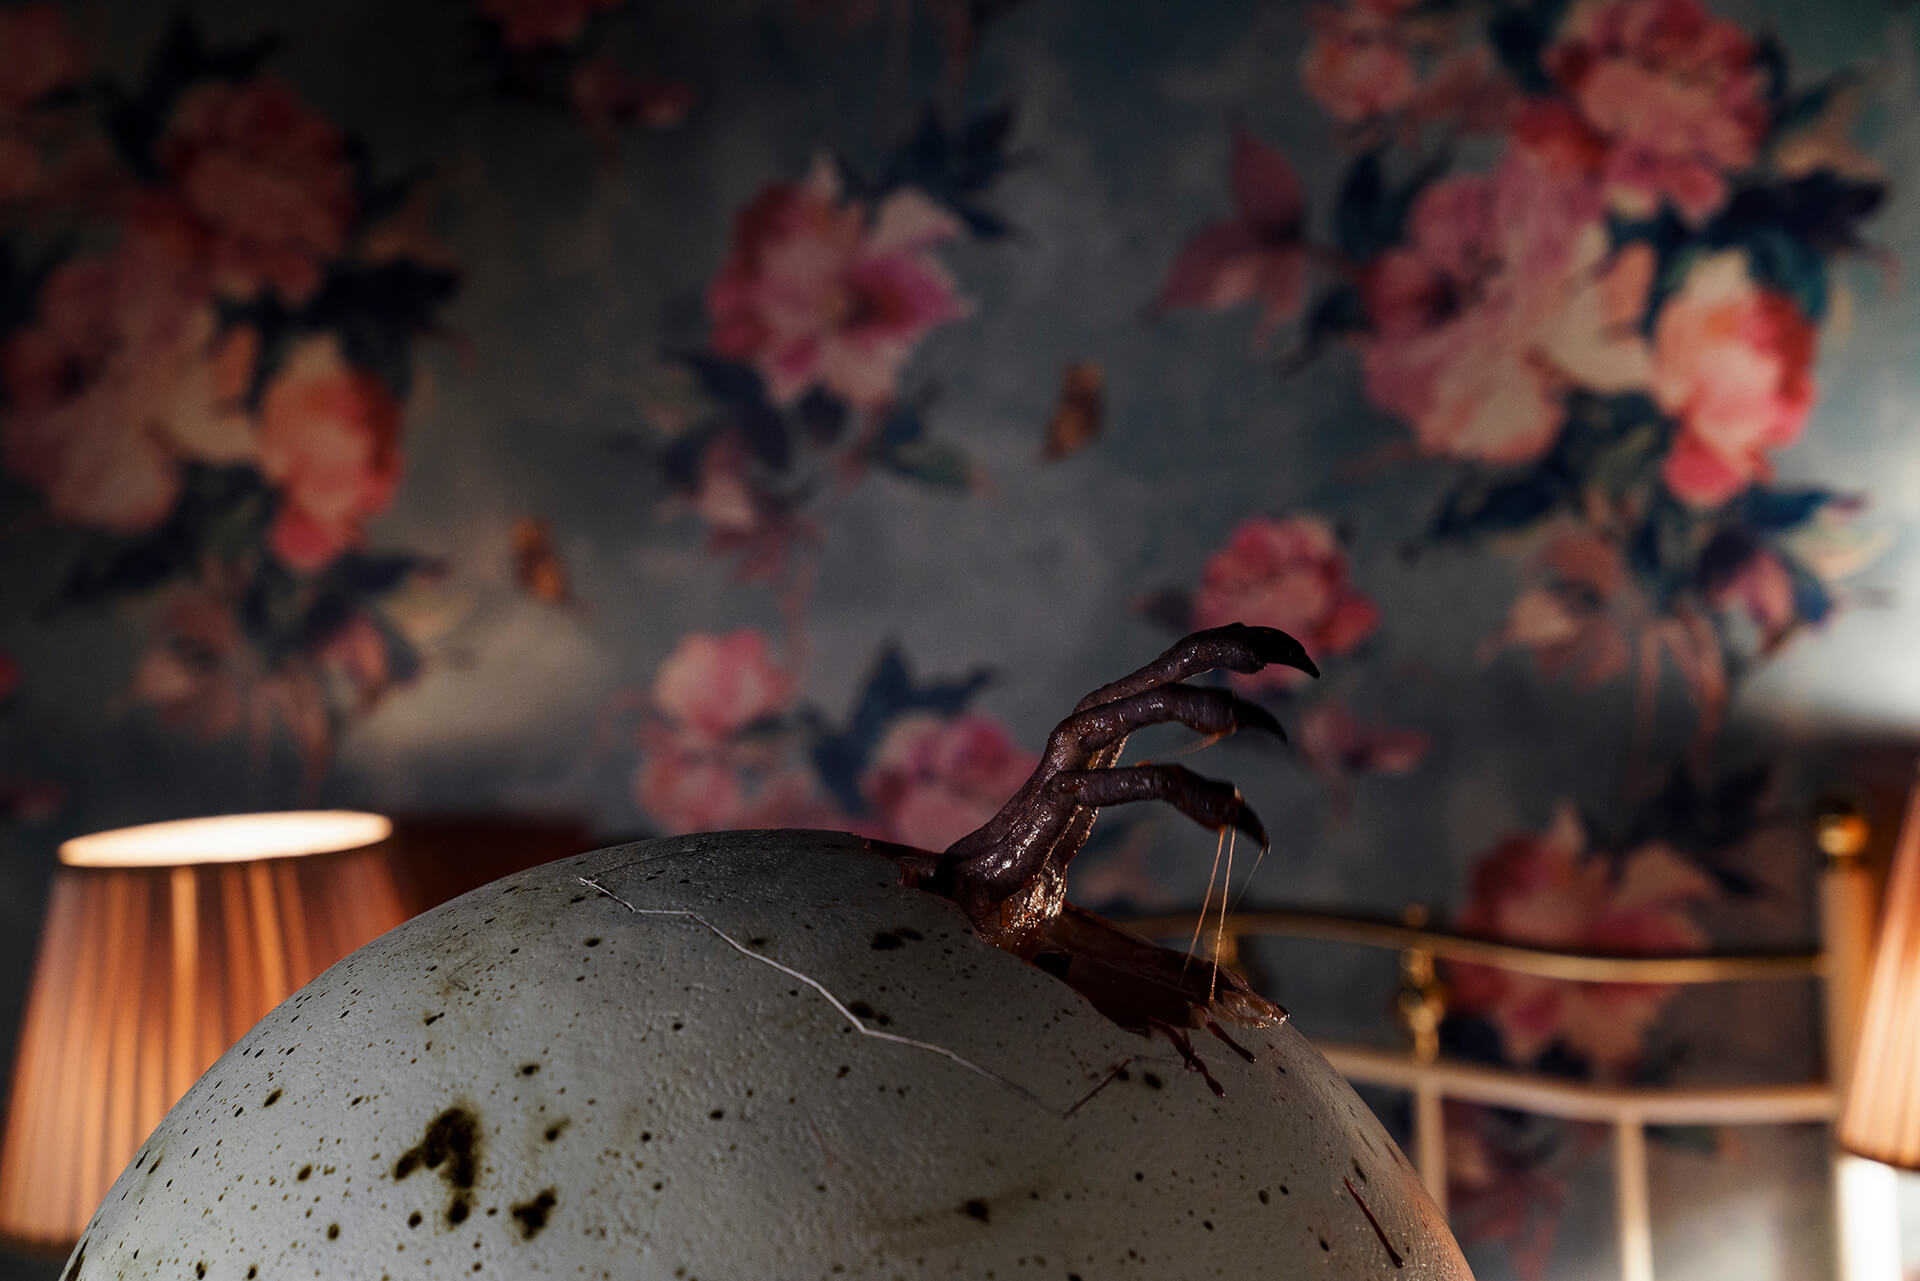 Tältä näyttää ohjaaja Hanna Bergholmin psykologinen kauhuelokuva PAHANHAUTOJA – mittavan budjetin elokuva on myyty jo useisiin maihin